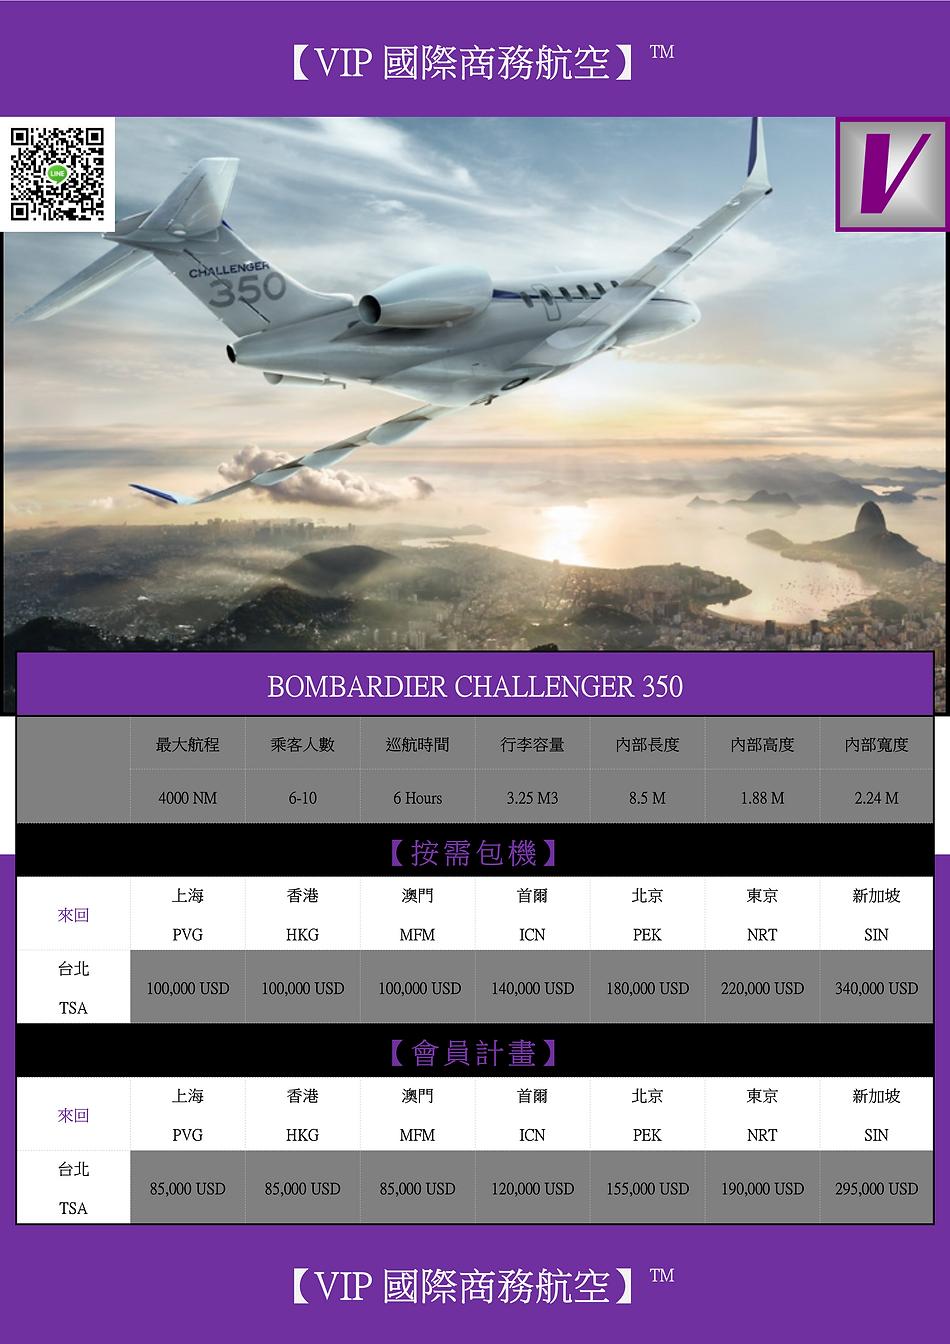 VIP GLOBAL BOMBARDIER CHALLENGER 350 DM